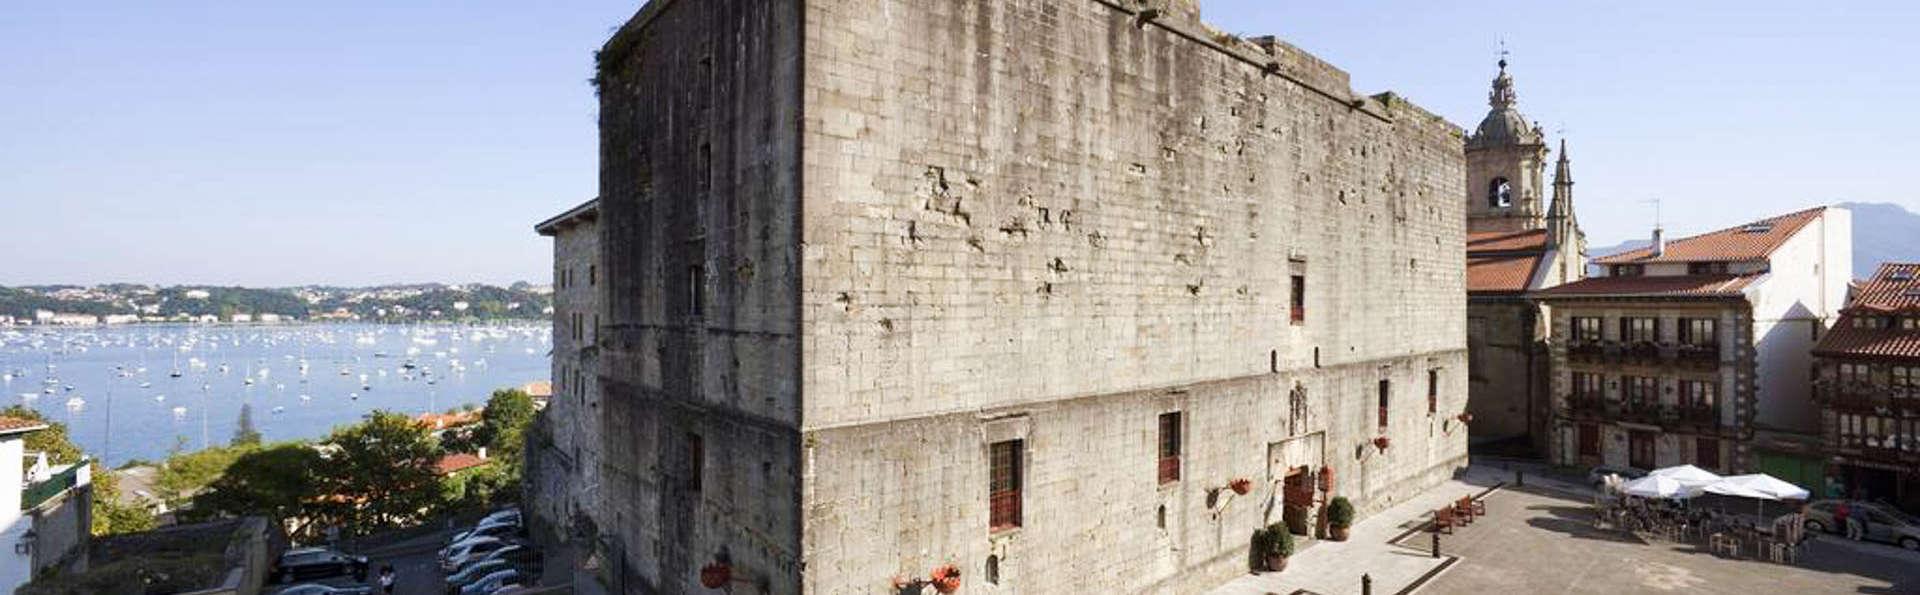 Siente la magia del norte en una emblemática fortaleza medieval